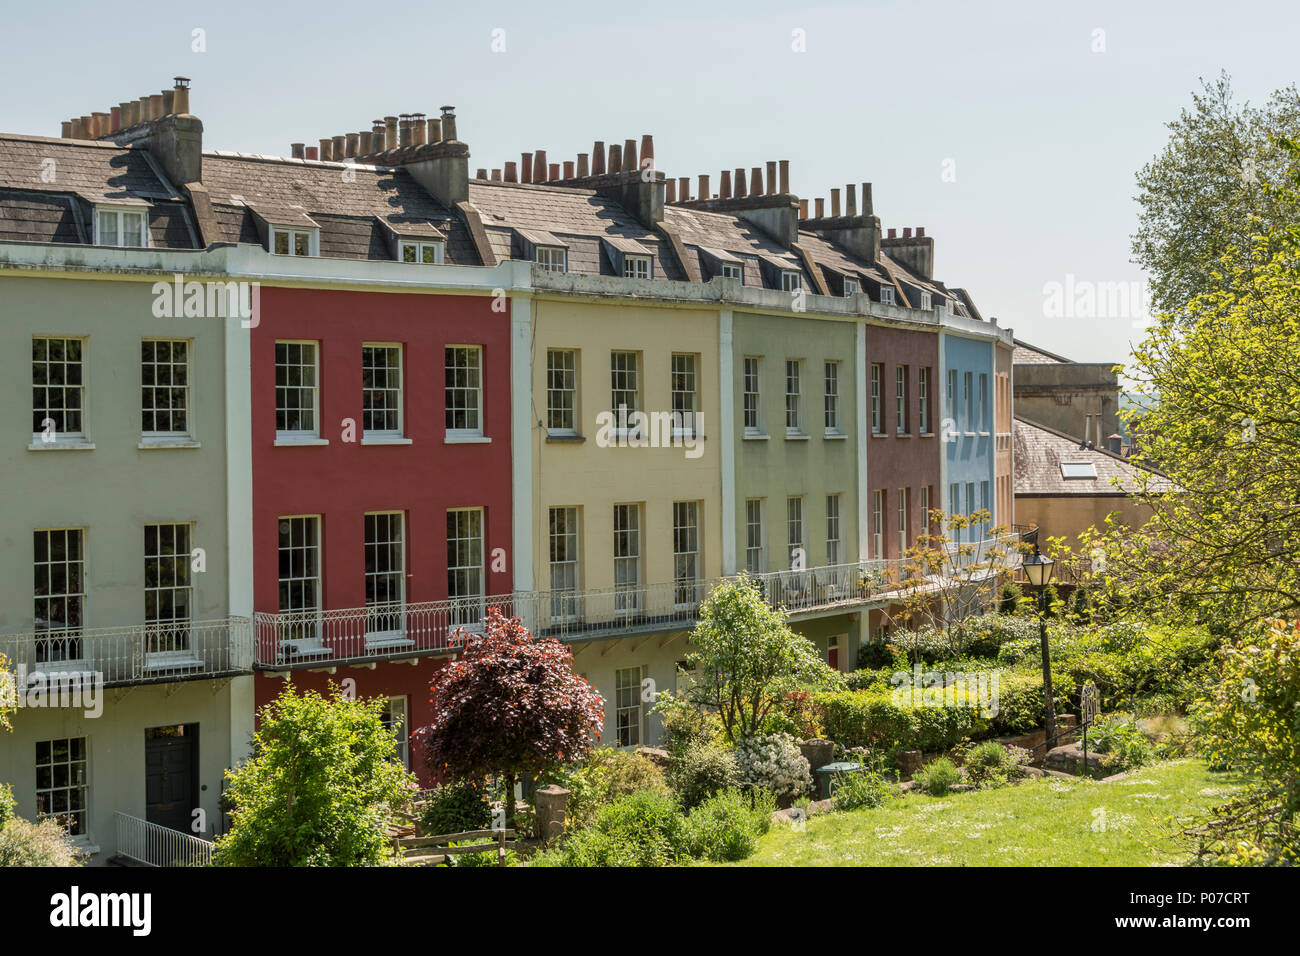 Le Polygone dans Cliftonwood, Bristol, UK, sise rue géorgienne avec un jardin commun. Photo Stock